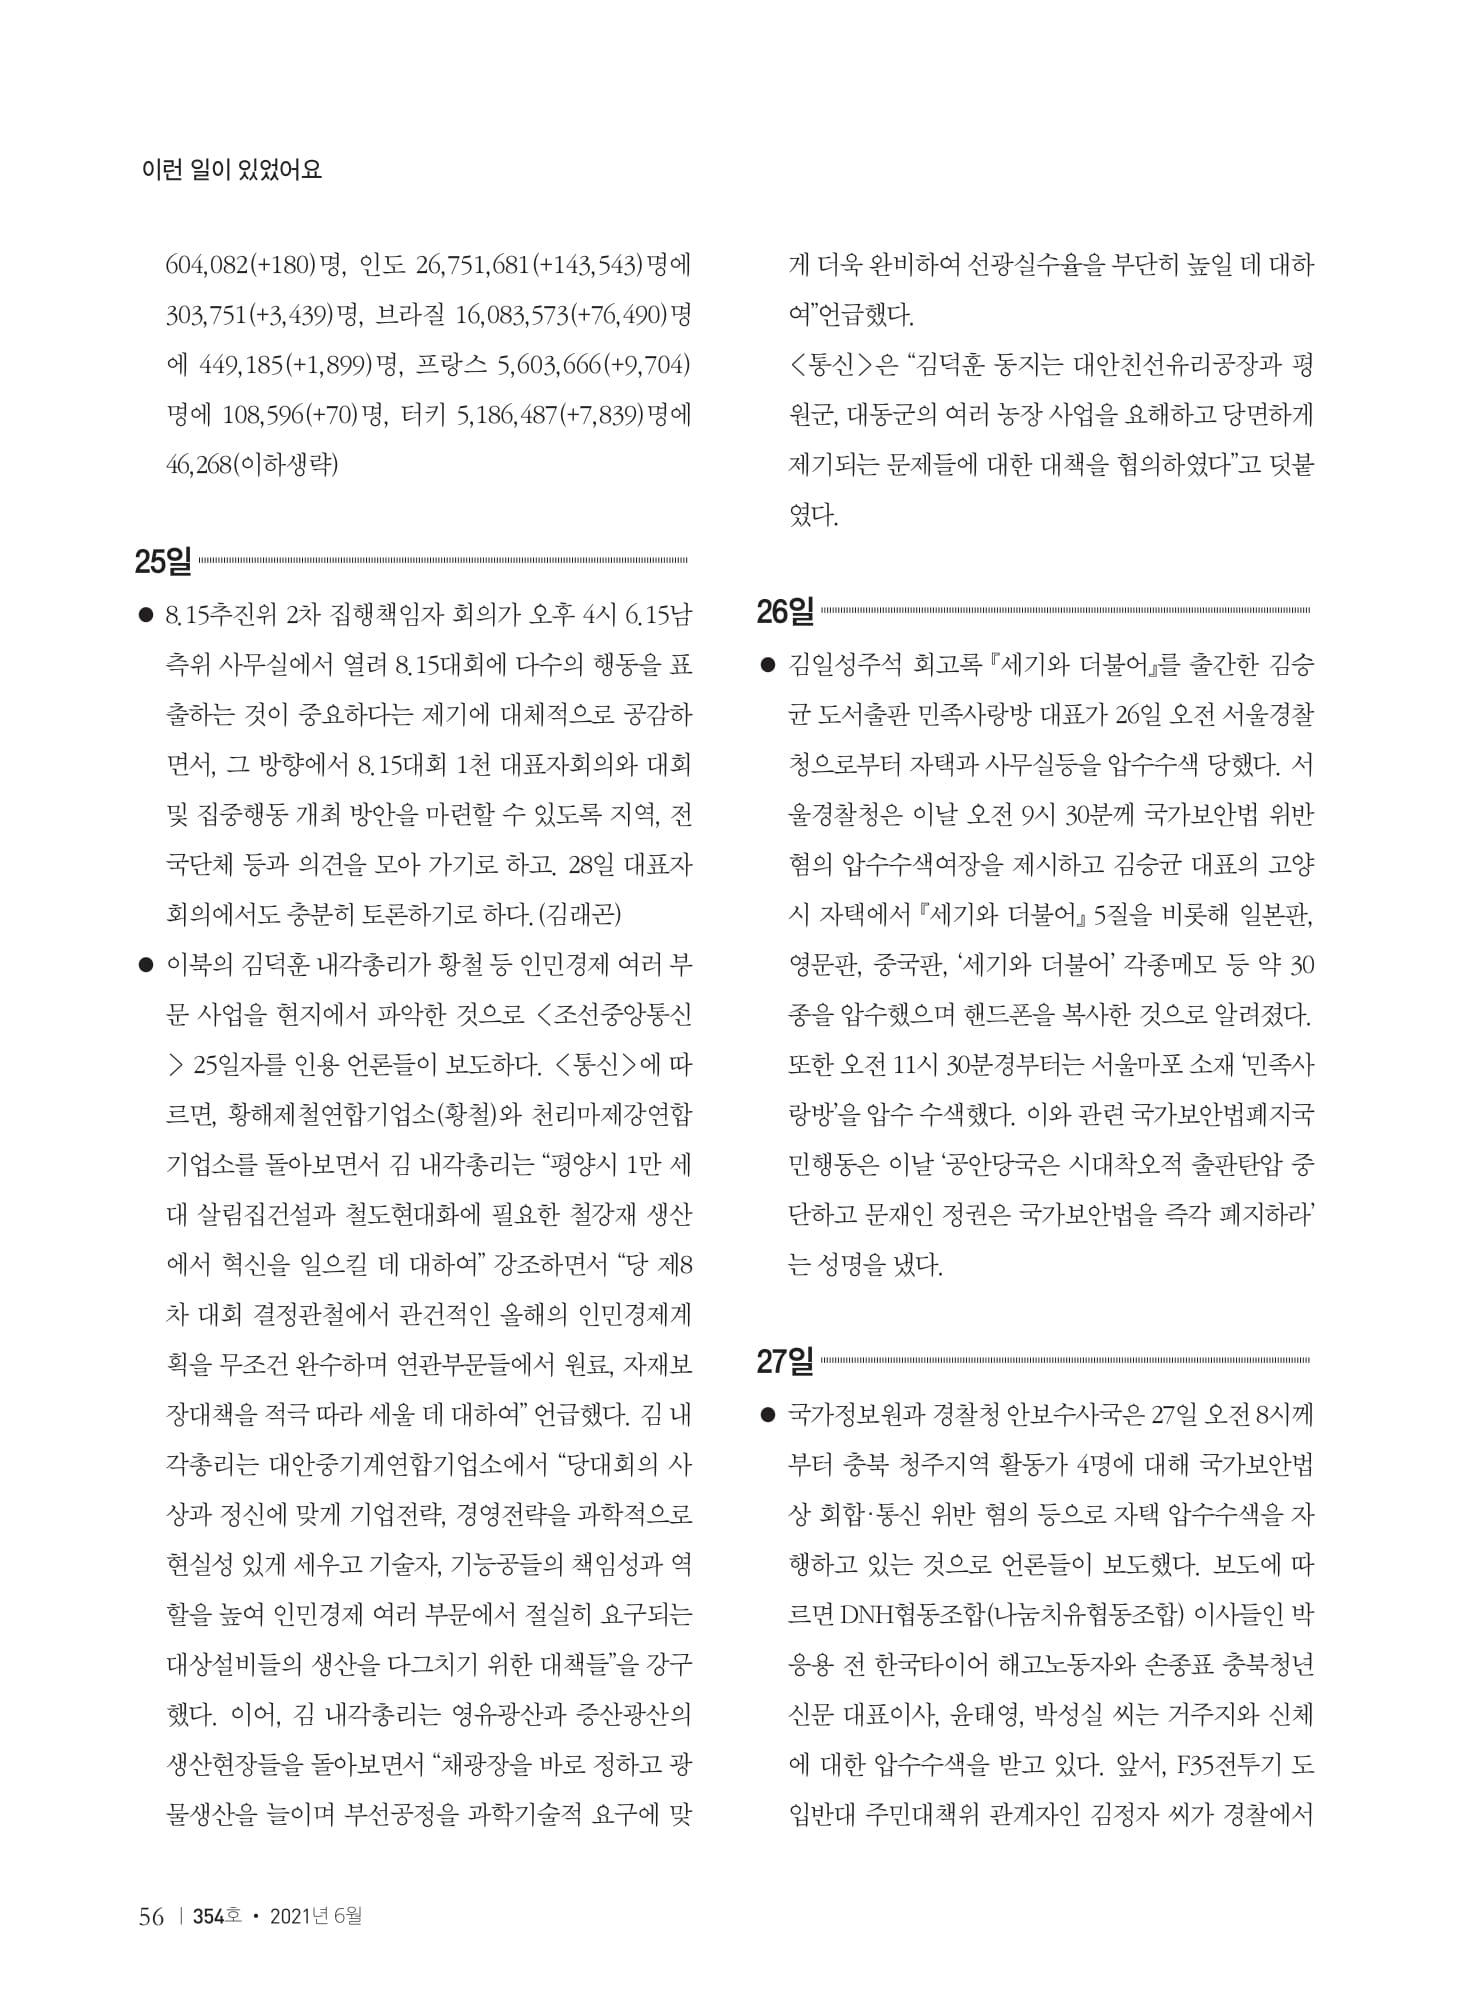 [양심수후원회] 소식지 354호 web 수정-58.jpg